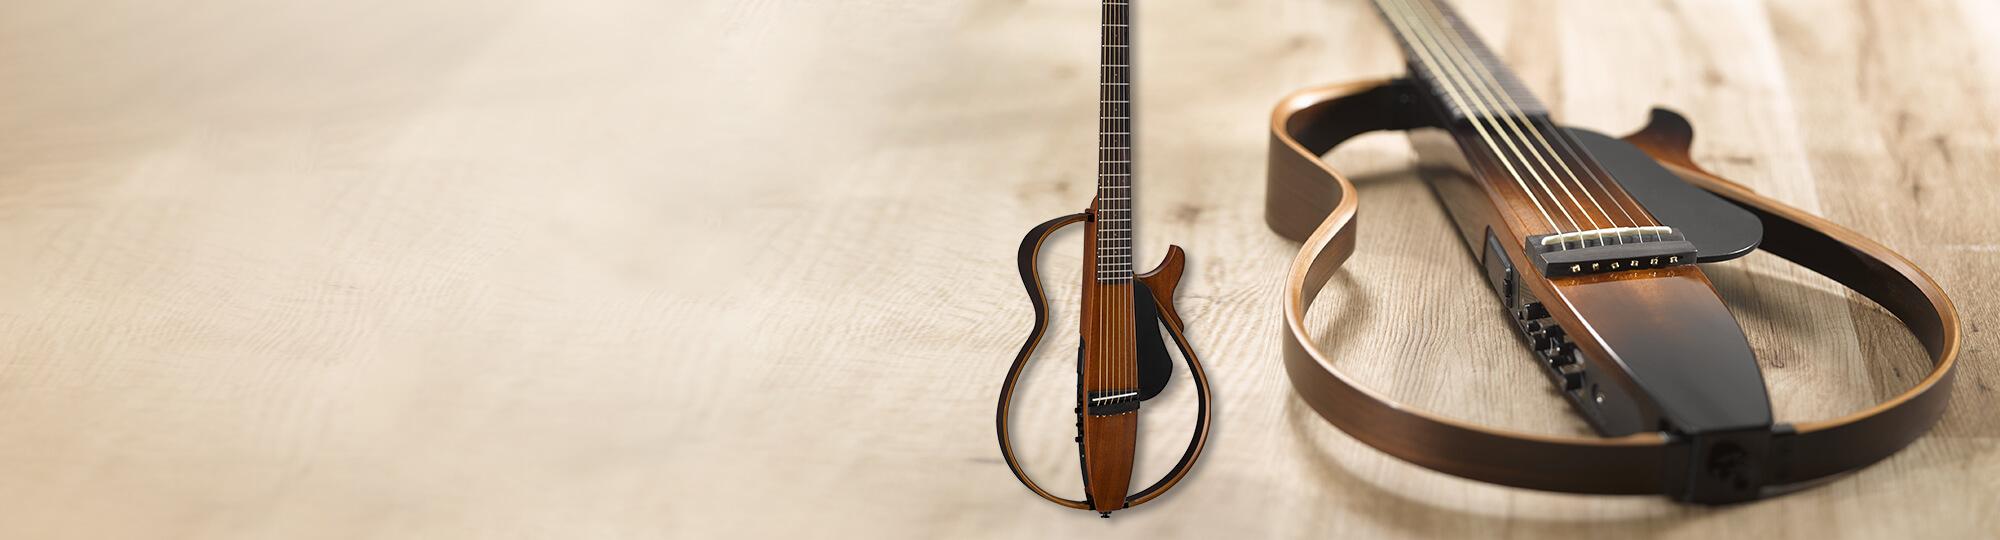 Guitarras  Silent